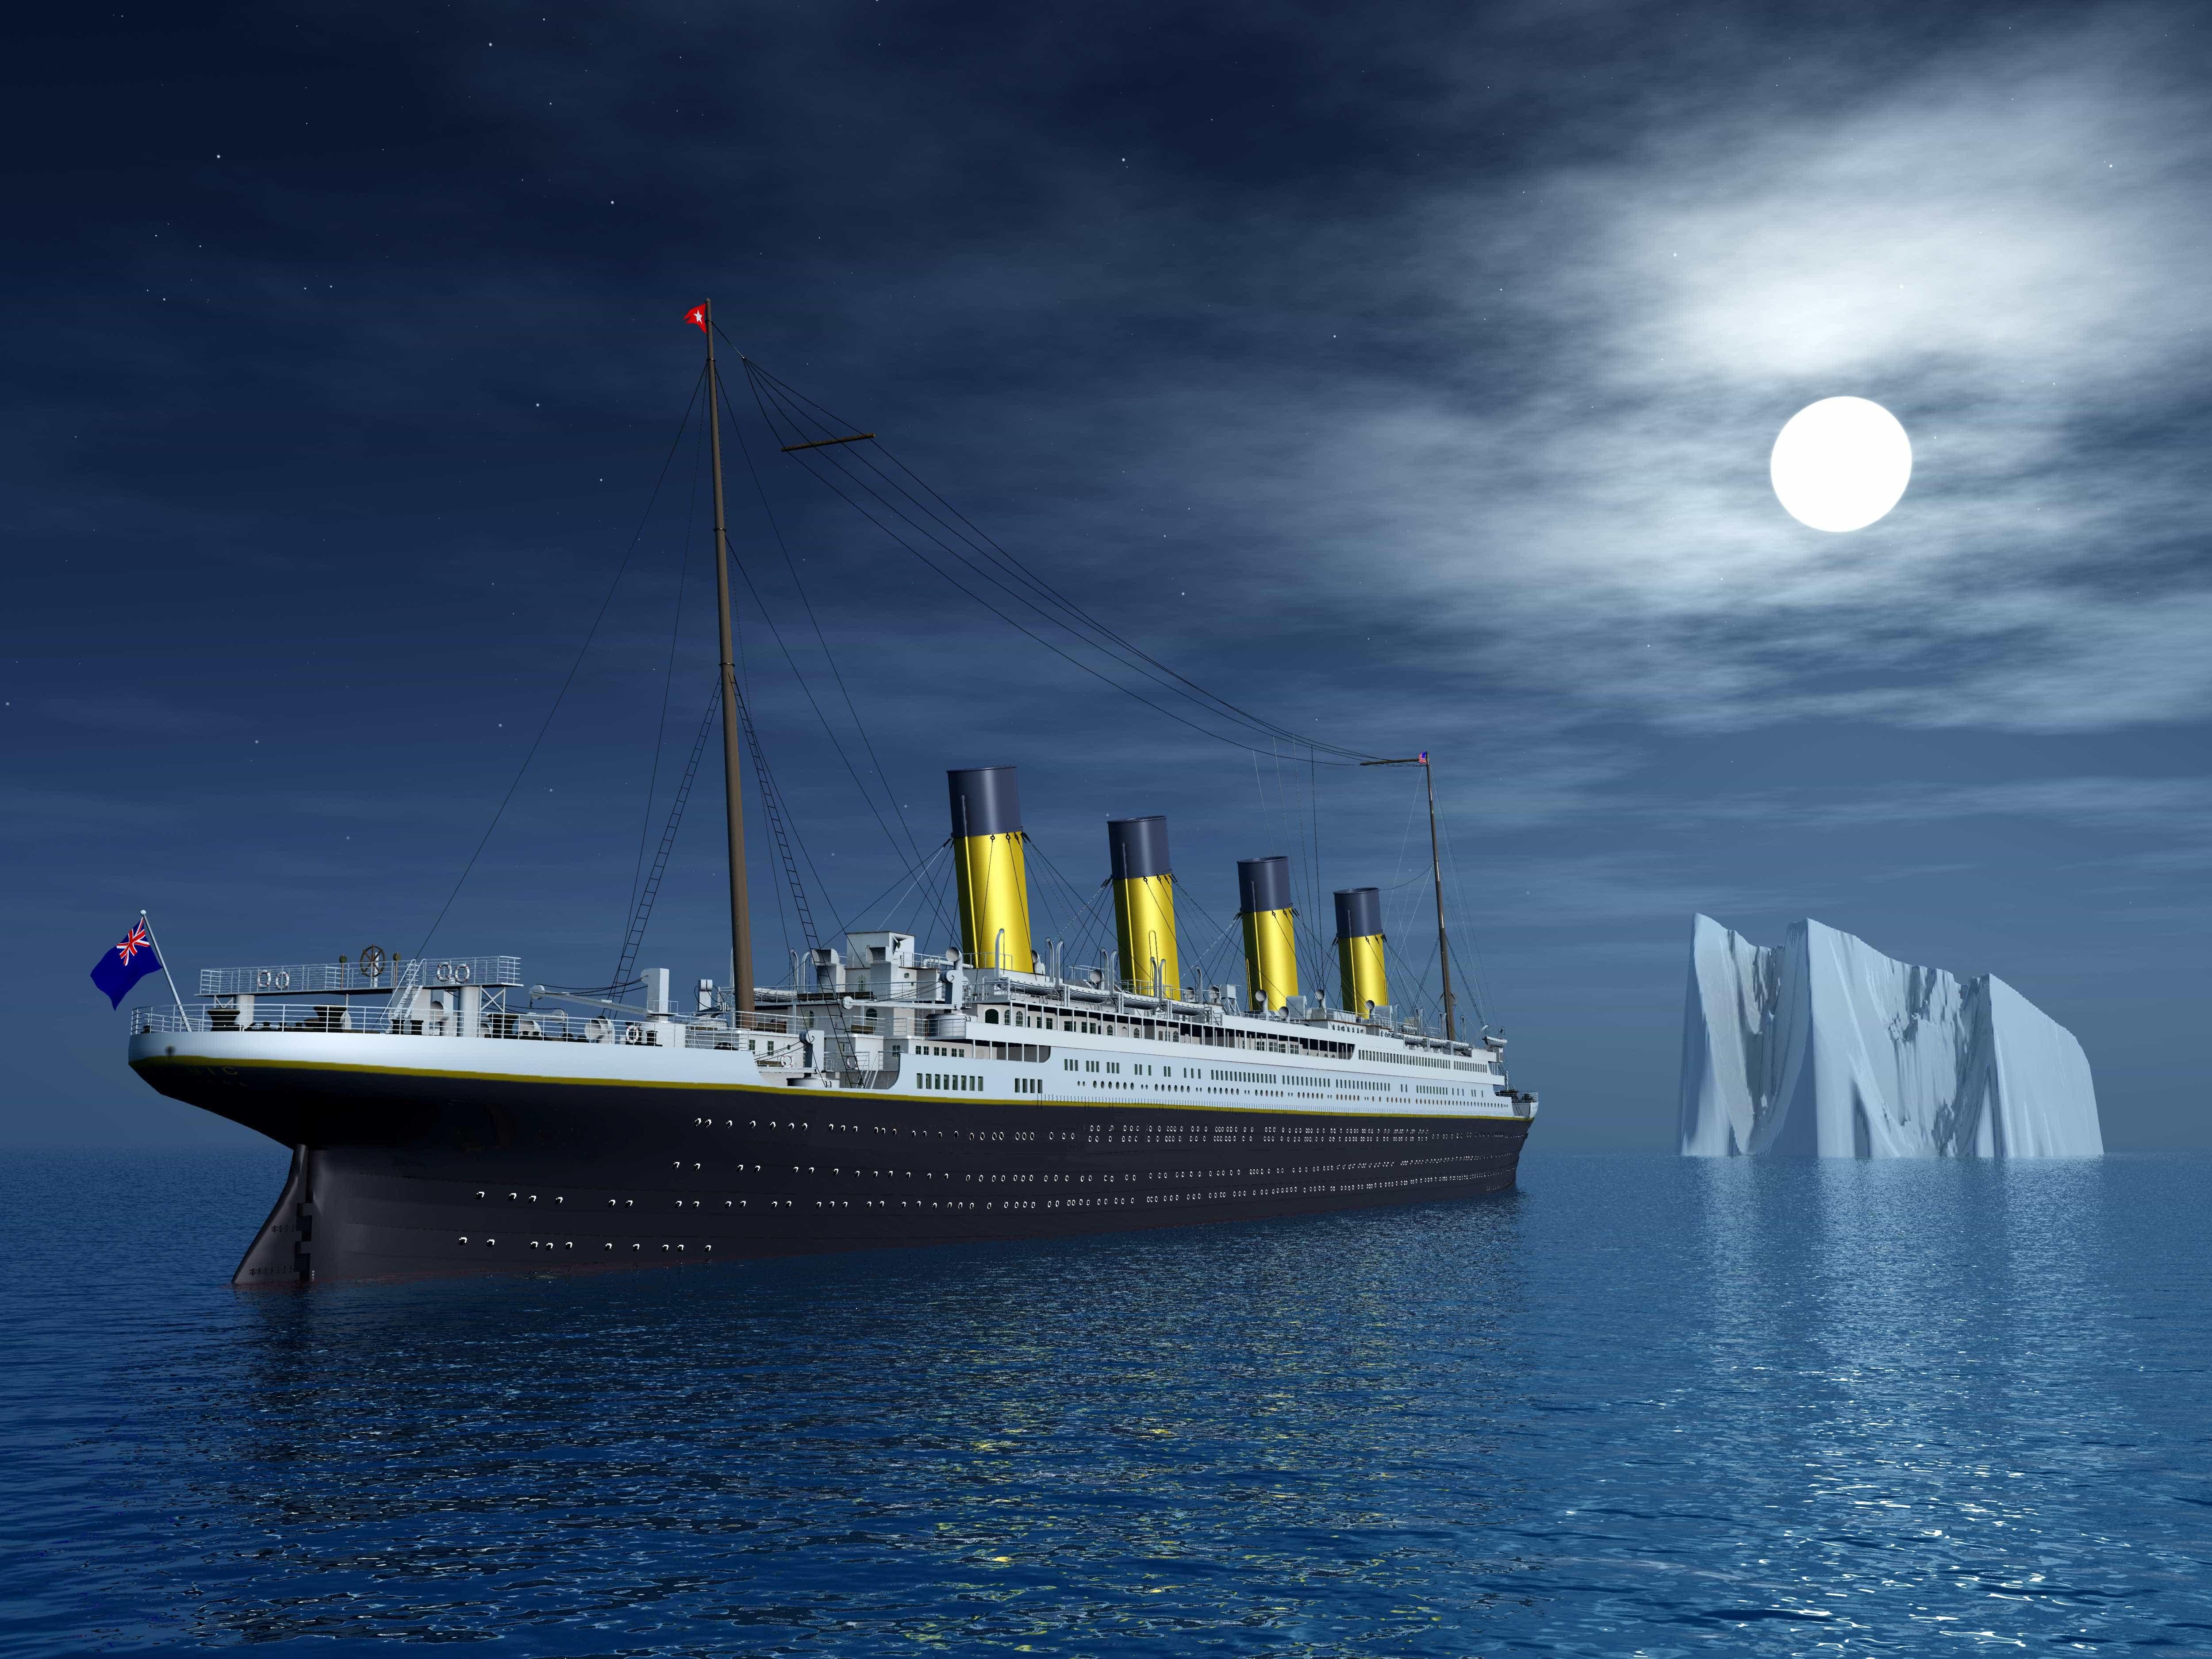 Confira fatos incríveis e que poucos conhecem sobre o Titanic